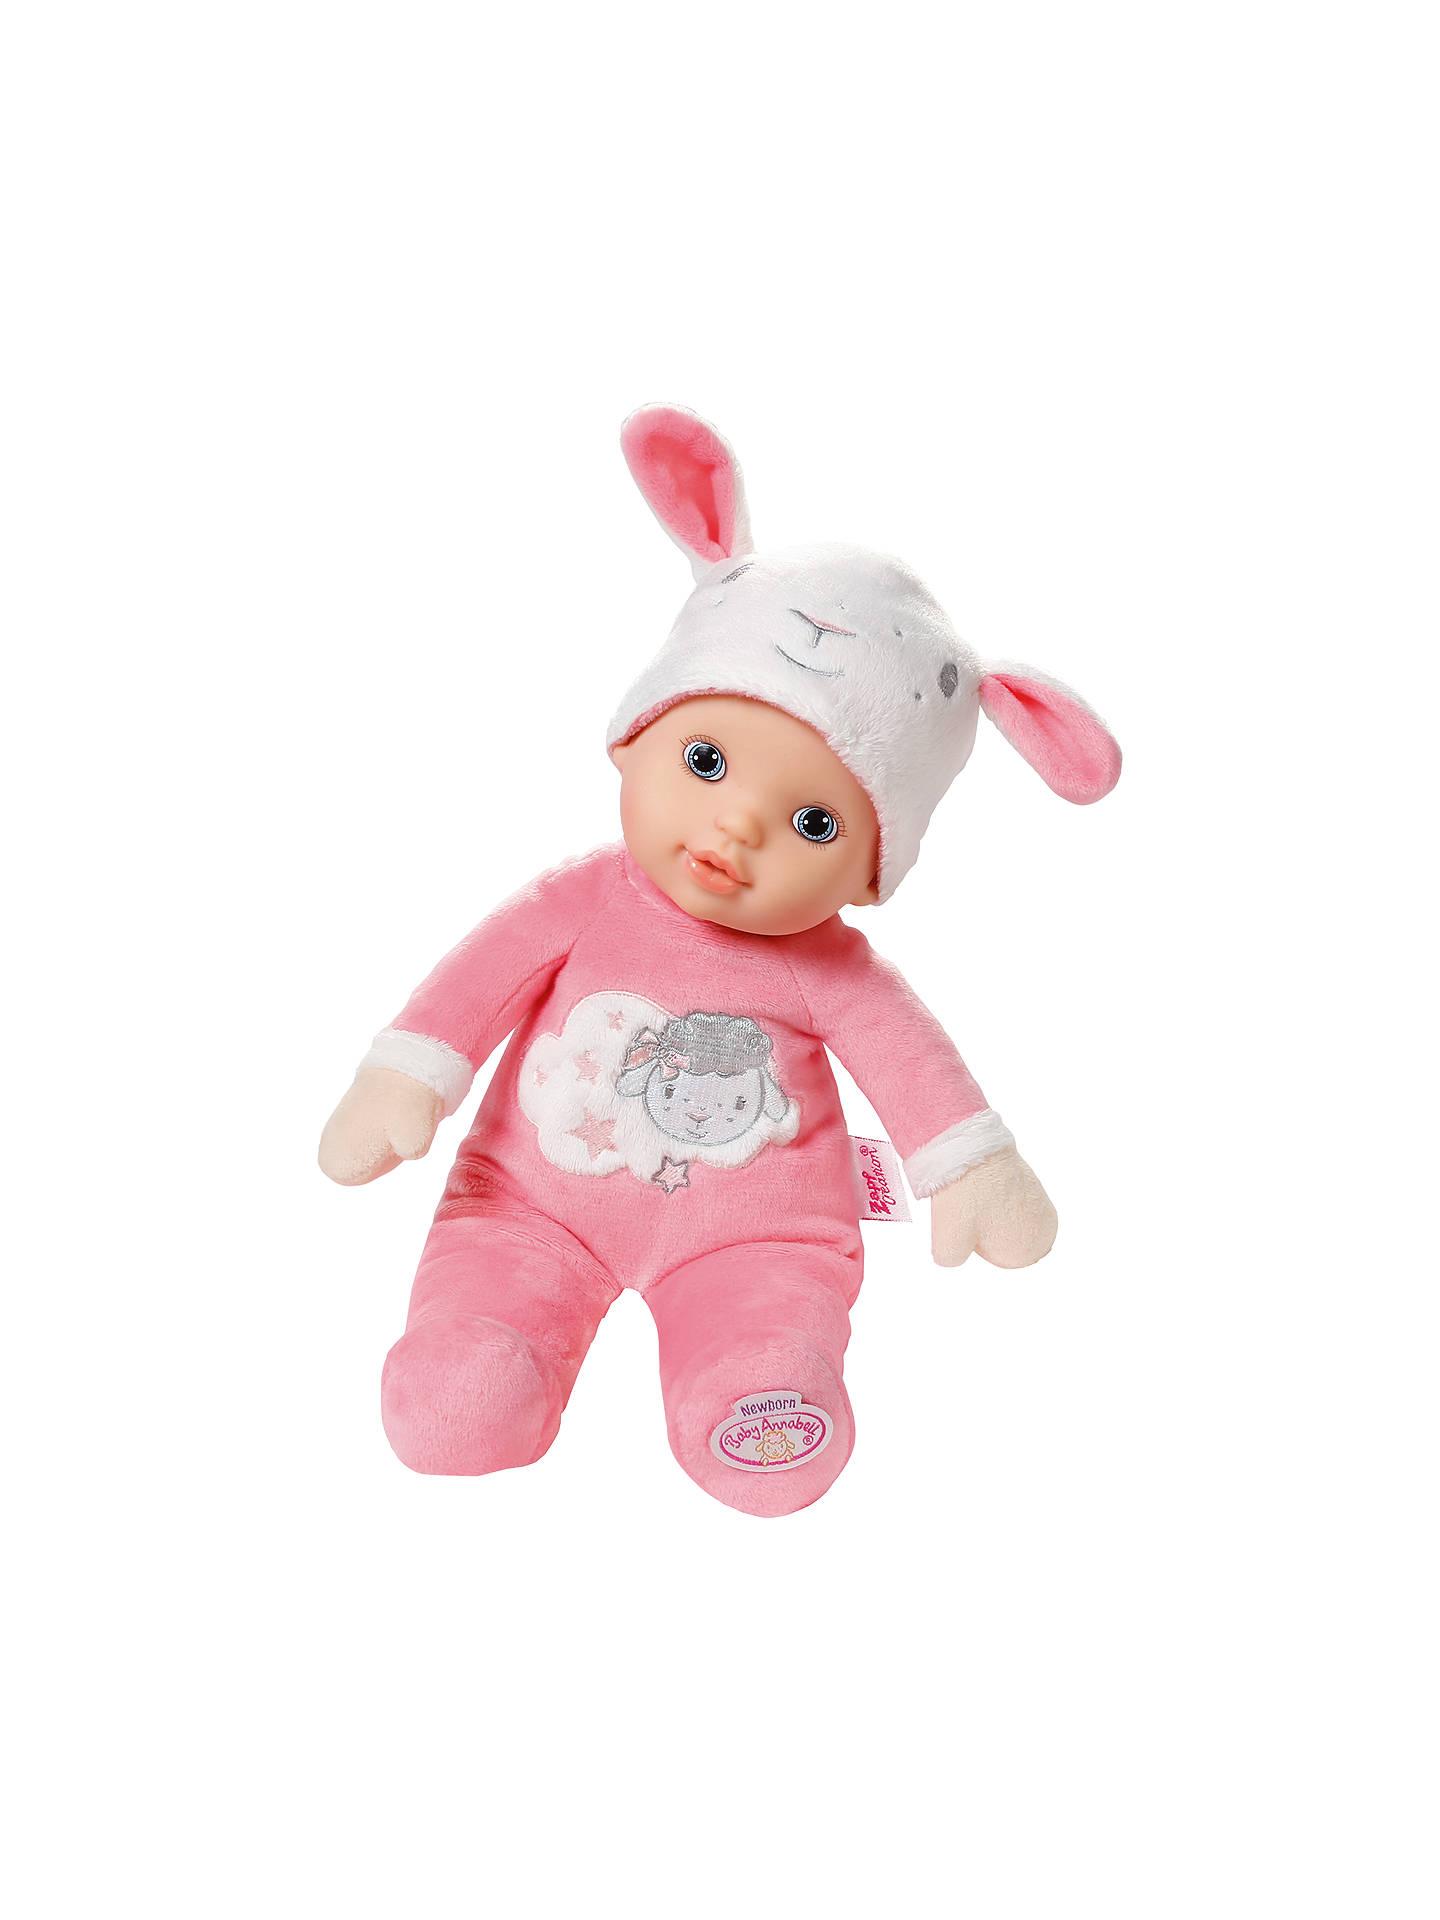 Puppen & Zubehör Zapf Baby Annabell® Travel Jeans Kleidung & Accessoires